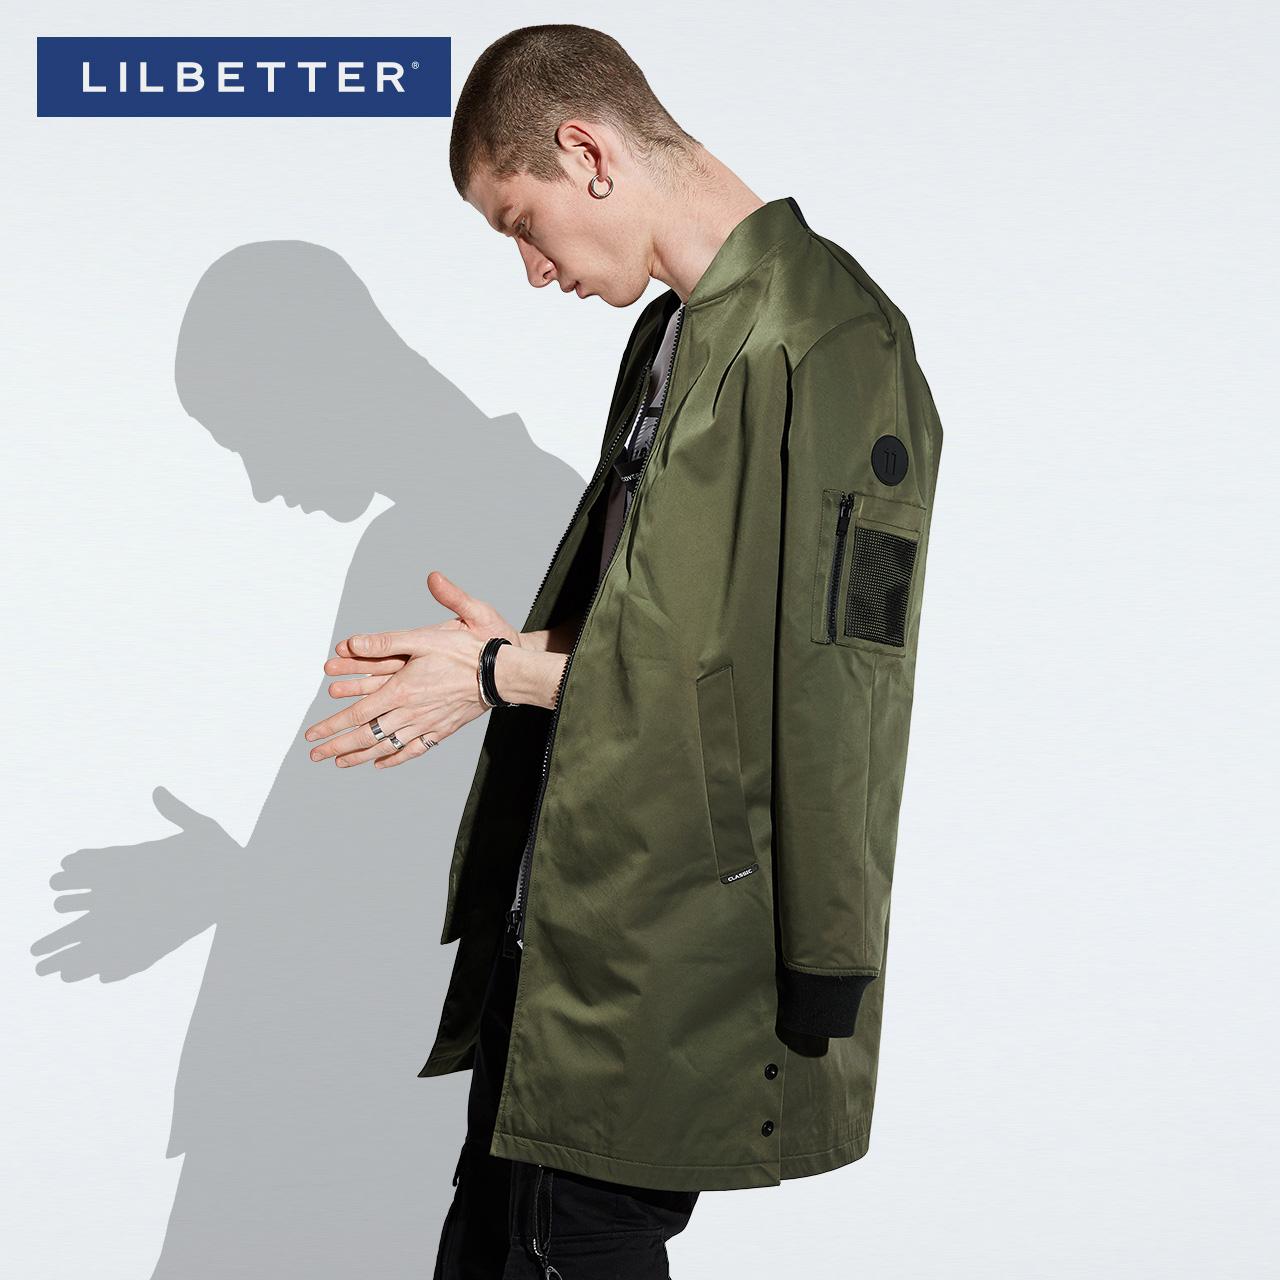 Lilbetter男士風衣 新品中長款軍旅大衣修身型潮牌秋裝外套男